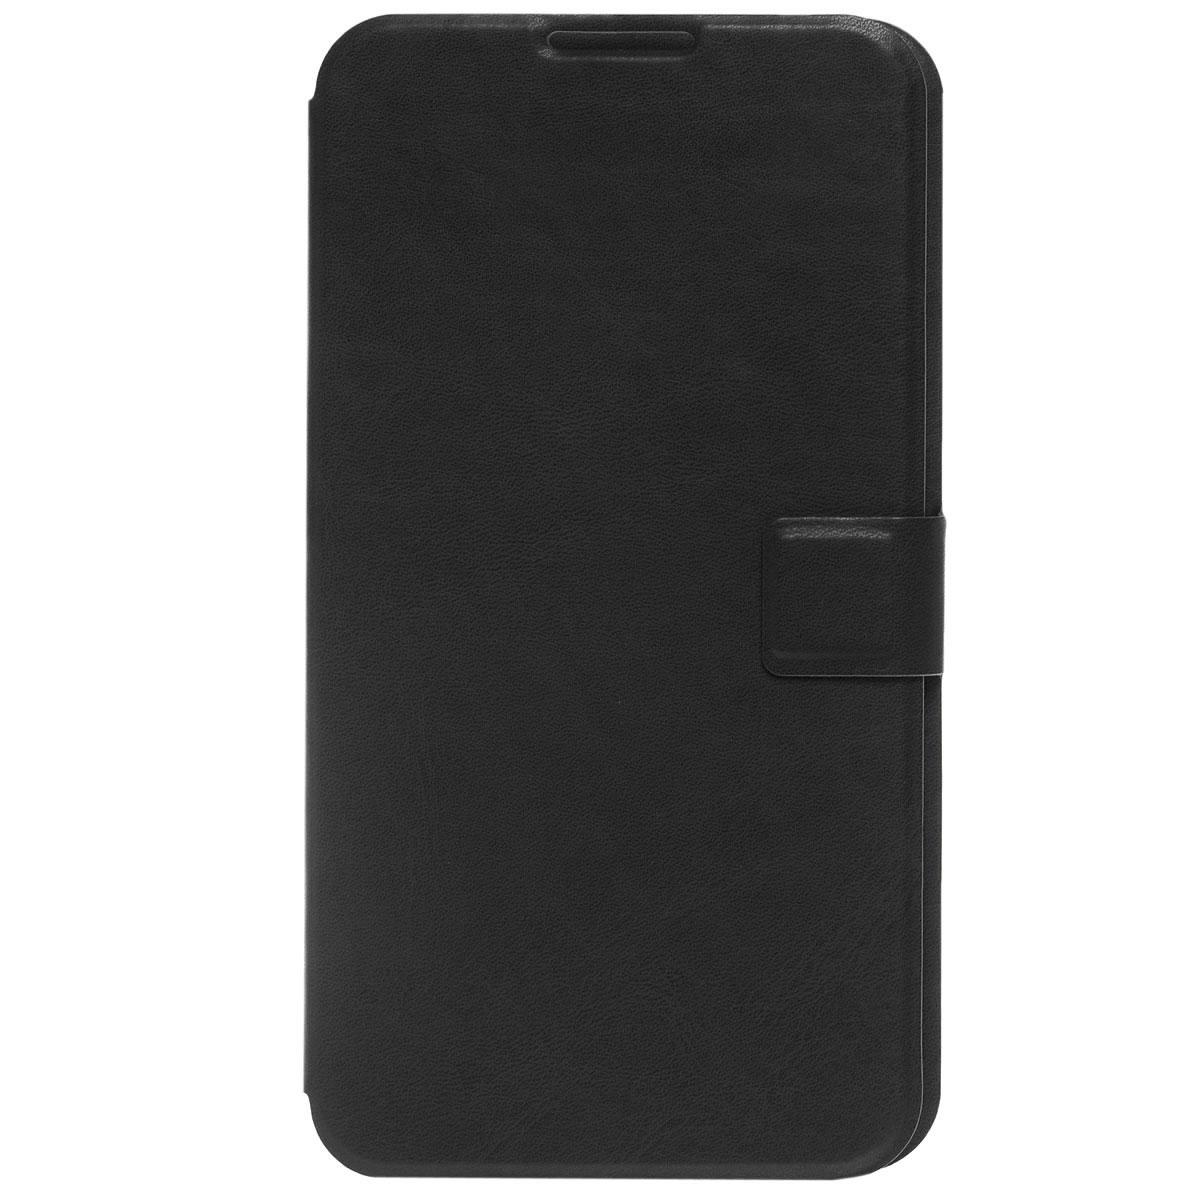 Ecostyle Shell универсальный чехол для телефонов с экраном 6-6,5, Black аксессуар чехол книжка norton 5 5 6 inch универсальный на клейкой основе с выдвижным механизмом black